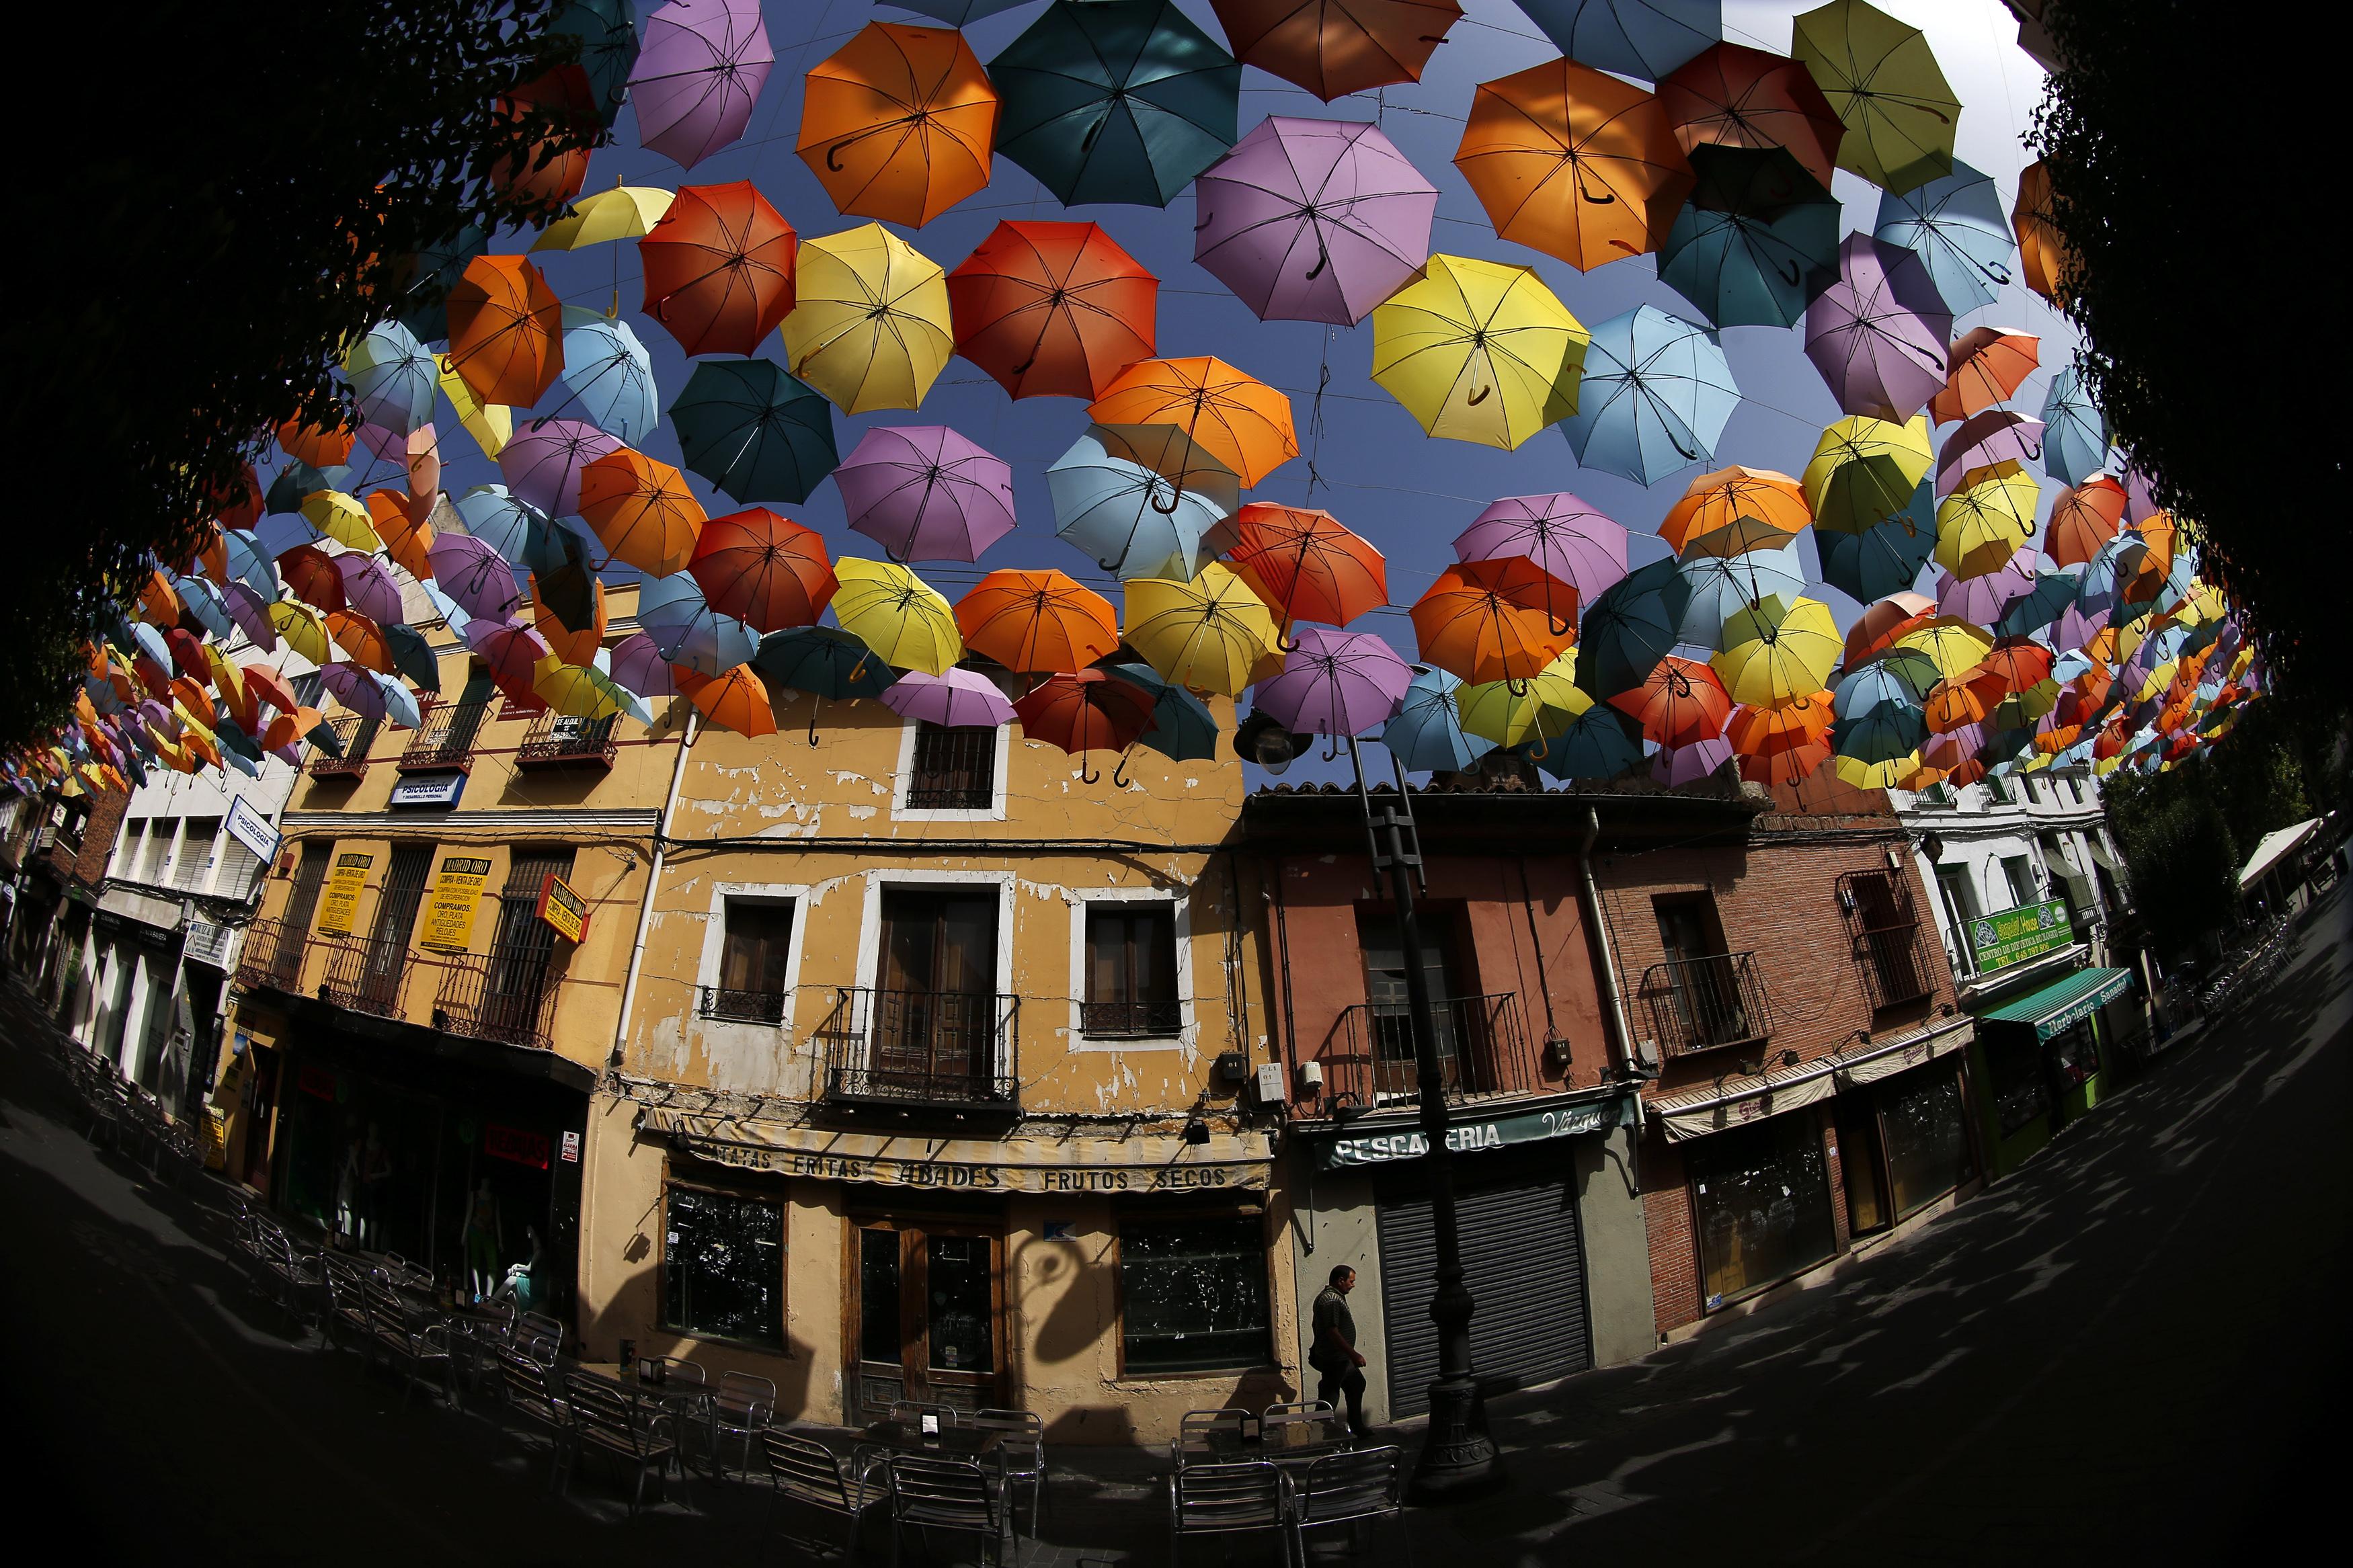 ESPANHA, 1.8.2013. Uma céu de guarda-chuvas em Getafe, perto de Madrid - um projecto assinado pela equipa portuguesa que criou um céu de chapéu-de-chuvas em Águeda  (foto com olho-de-peixe)